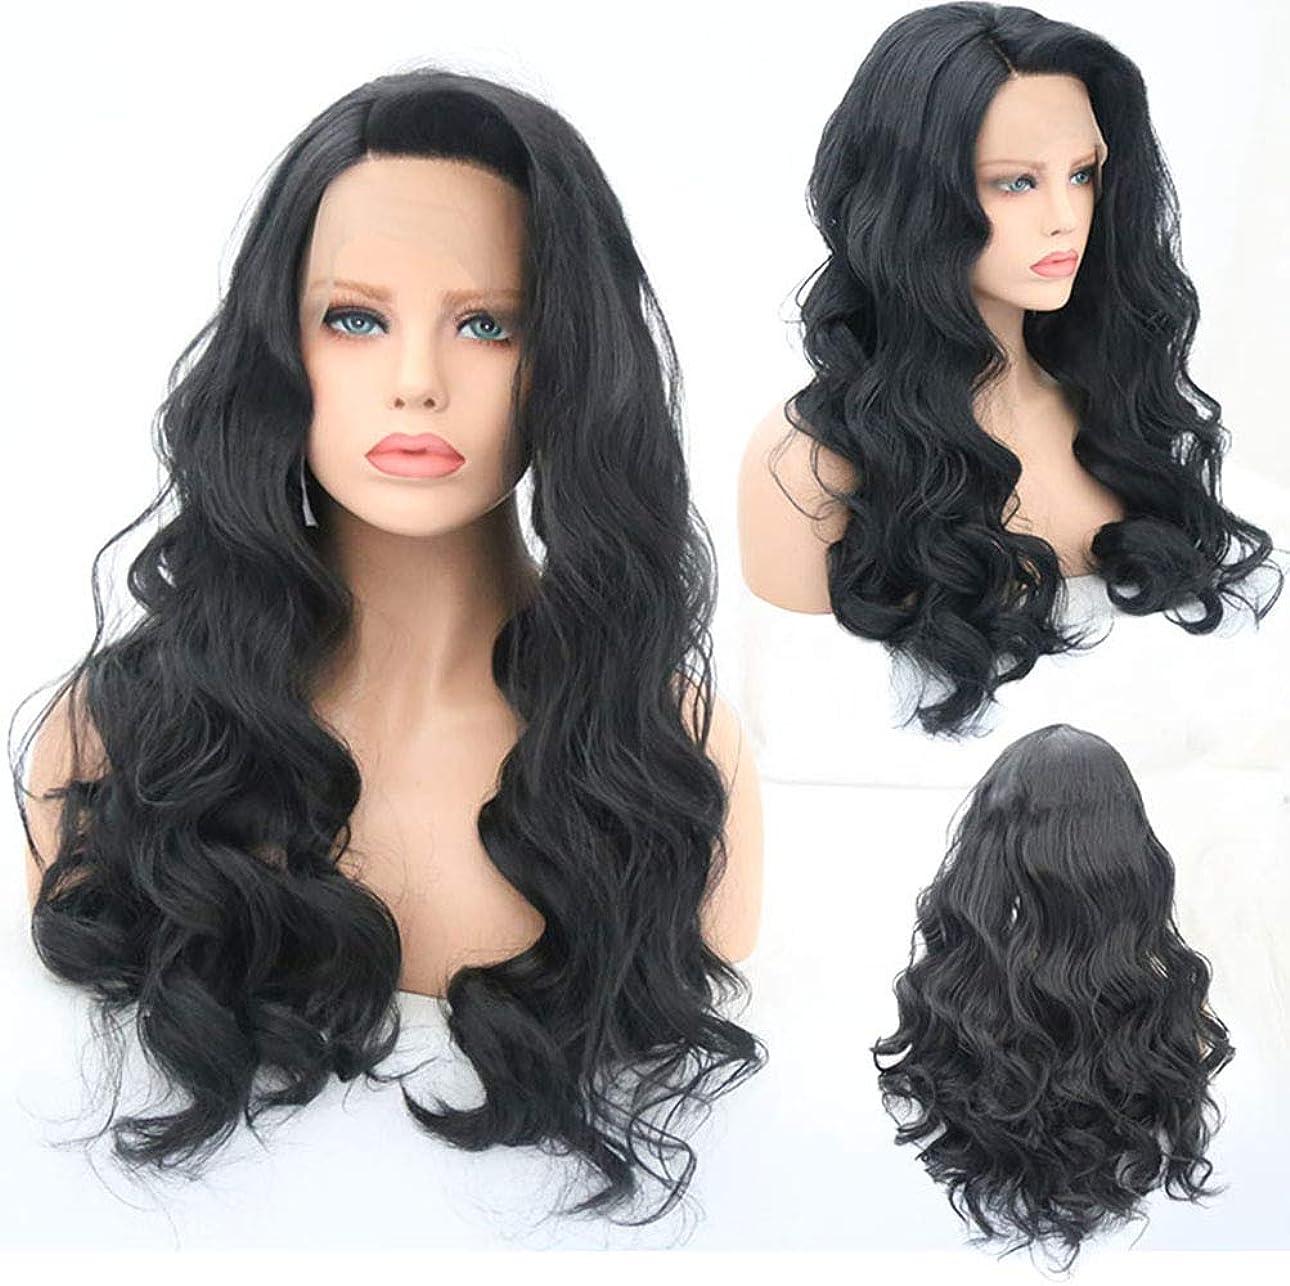 モッキンバードフェローシップ防衛女性フロントレースロングカーリー変態波状かつら合成耐熱繊維毛髪かつら